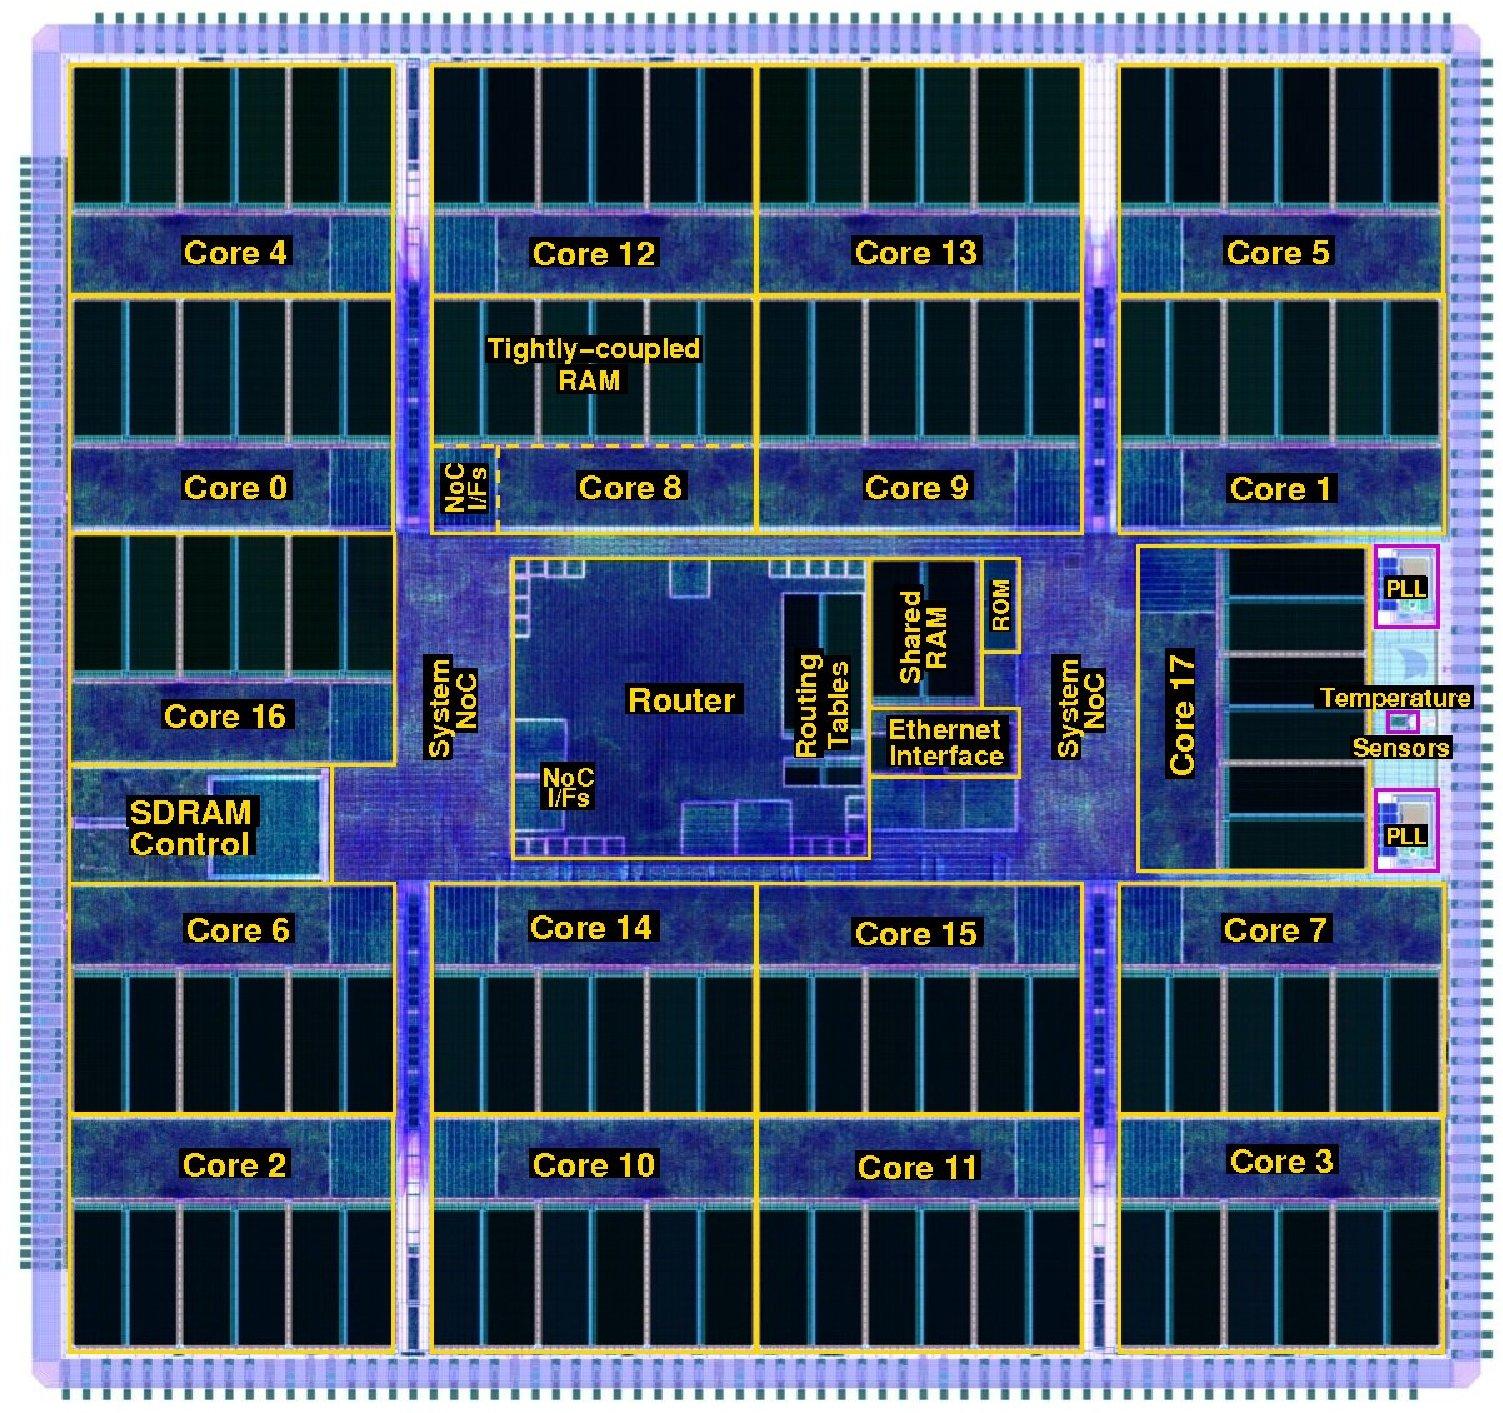 Британские ученые запустили суперкомпьютер с 1 млн ядер, который моделирует человеческий мозг - 3